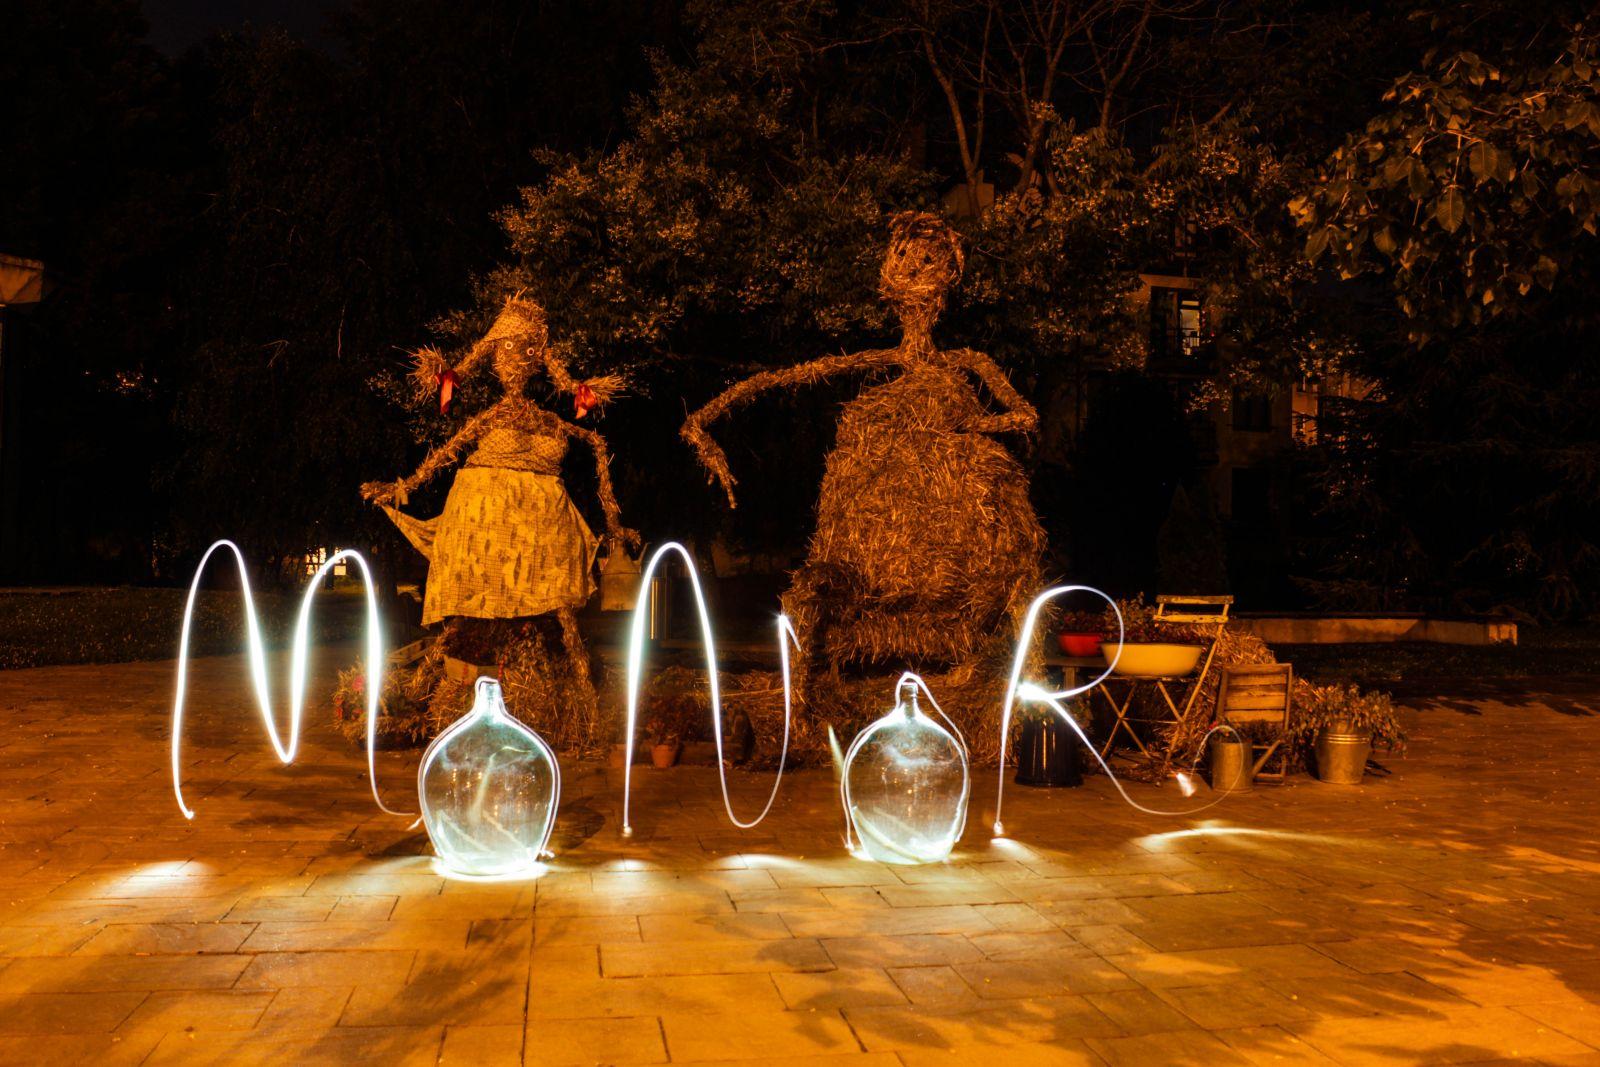 A hónap képe - Készítette: Fényes monori éjszakák